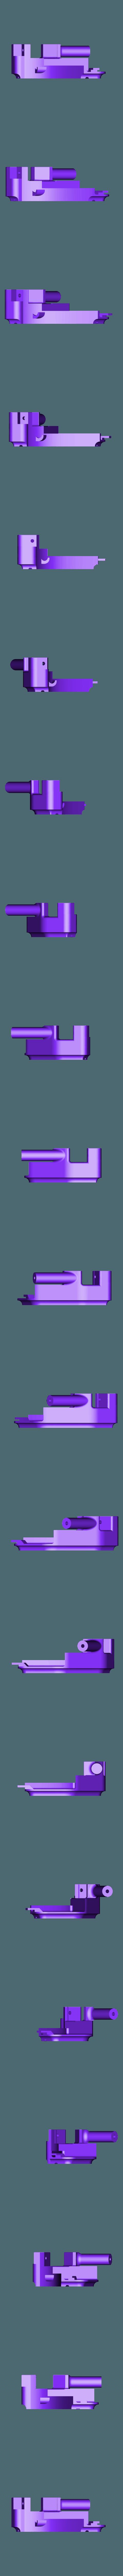 wall_left.stl Télécharger fichier STL gratuit EPIC 6 stage coilgun • Objet pour impression 3D, Gyro